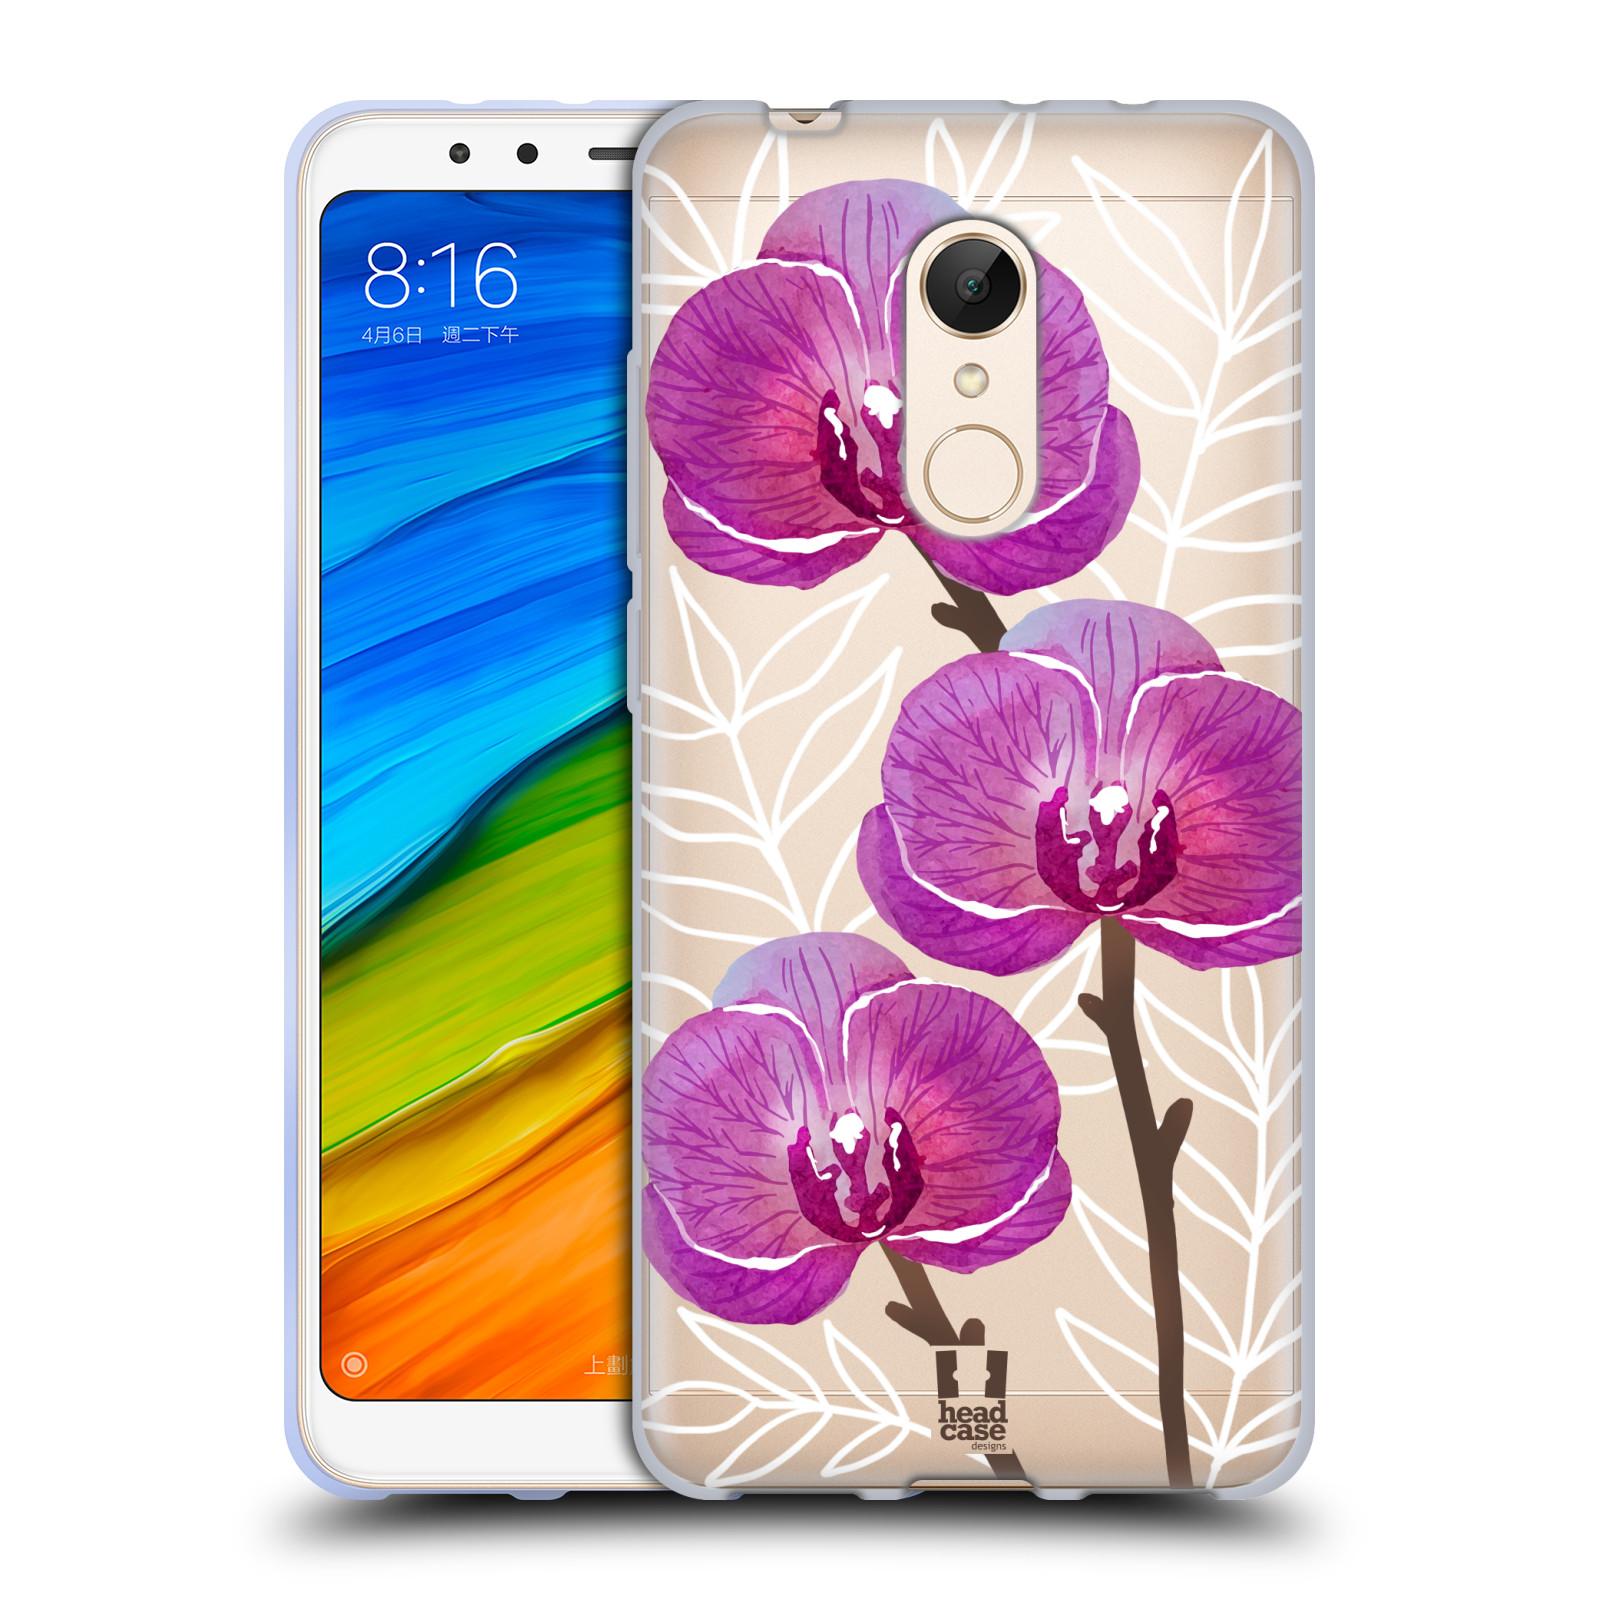 Silikonové pouzdro na mobil Xiaomi Redmi 5 - Head Case - Hezoučké kvítky - průhledné